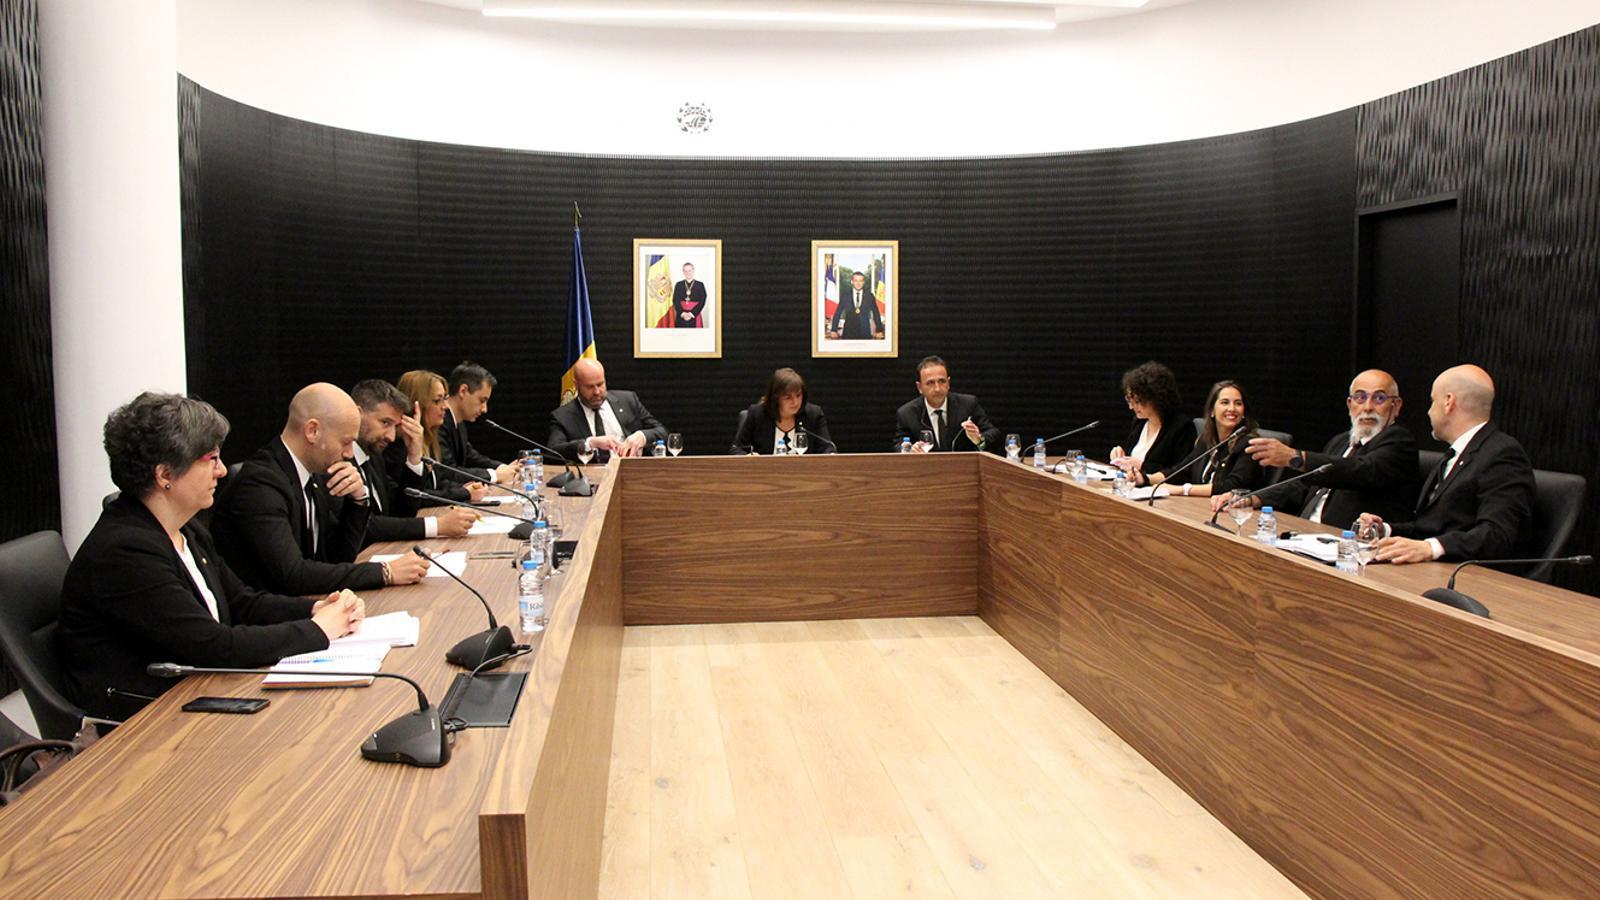 La celebració de la sessió de consell de comú d'Escaldes-Engordany, aquest divendres. / M. M. (AMA)